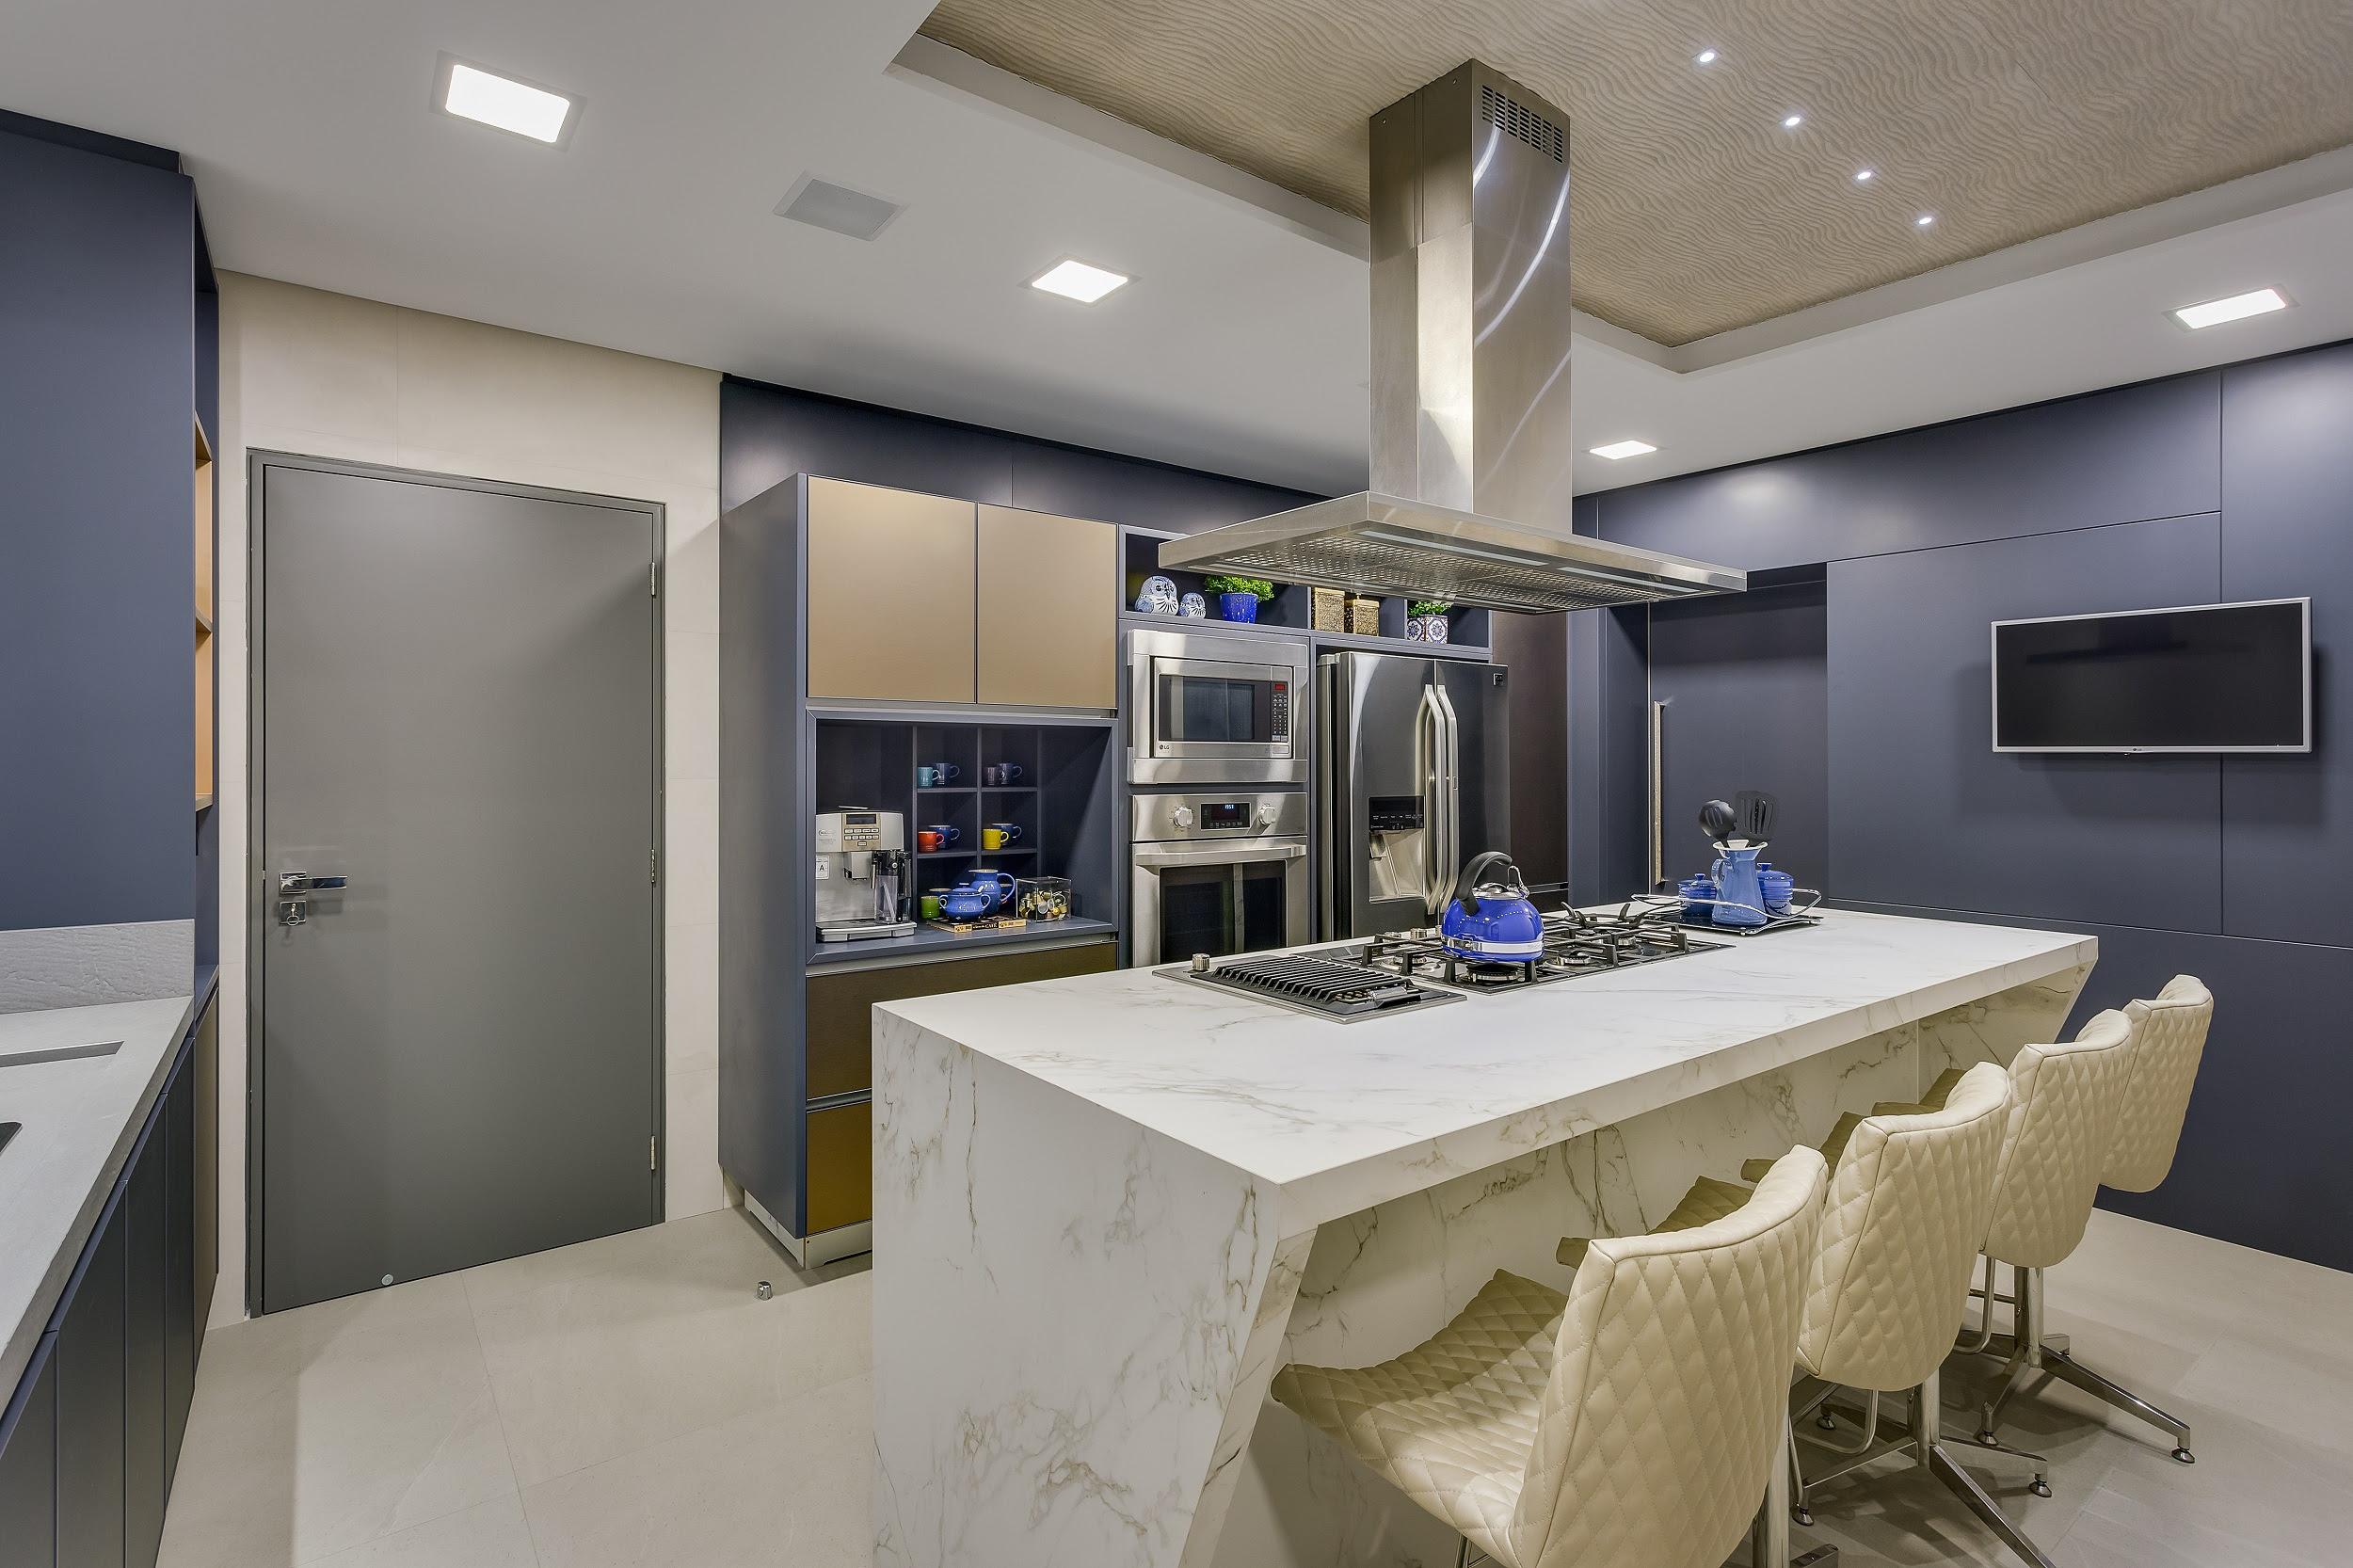 Nessa cozinha projetada por Alessandra Gandolfi,  os utensílios também são itens de decoração.